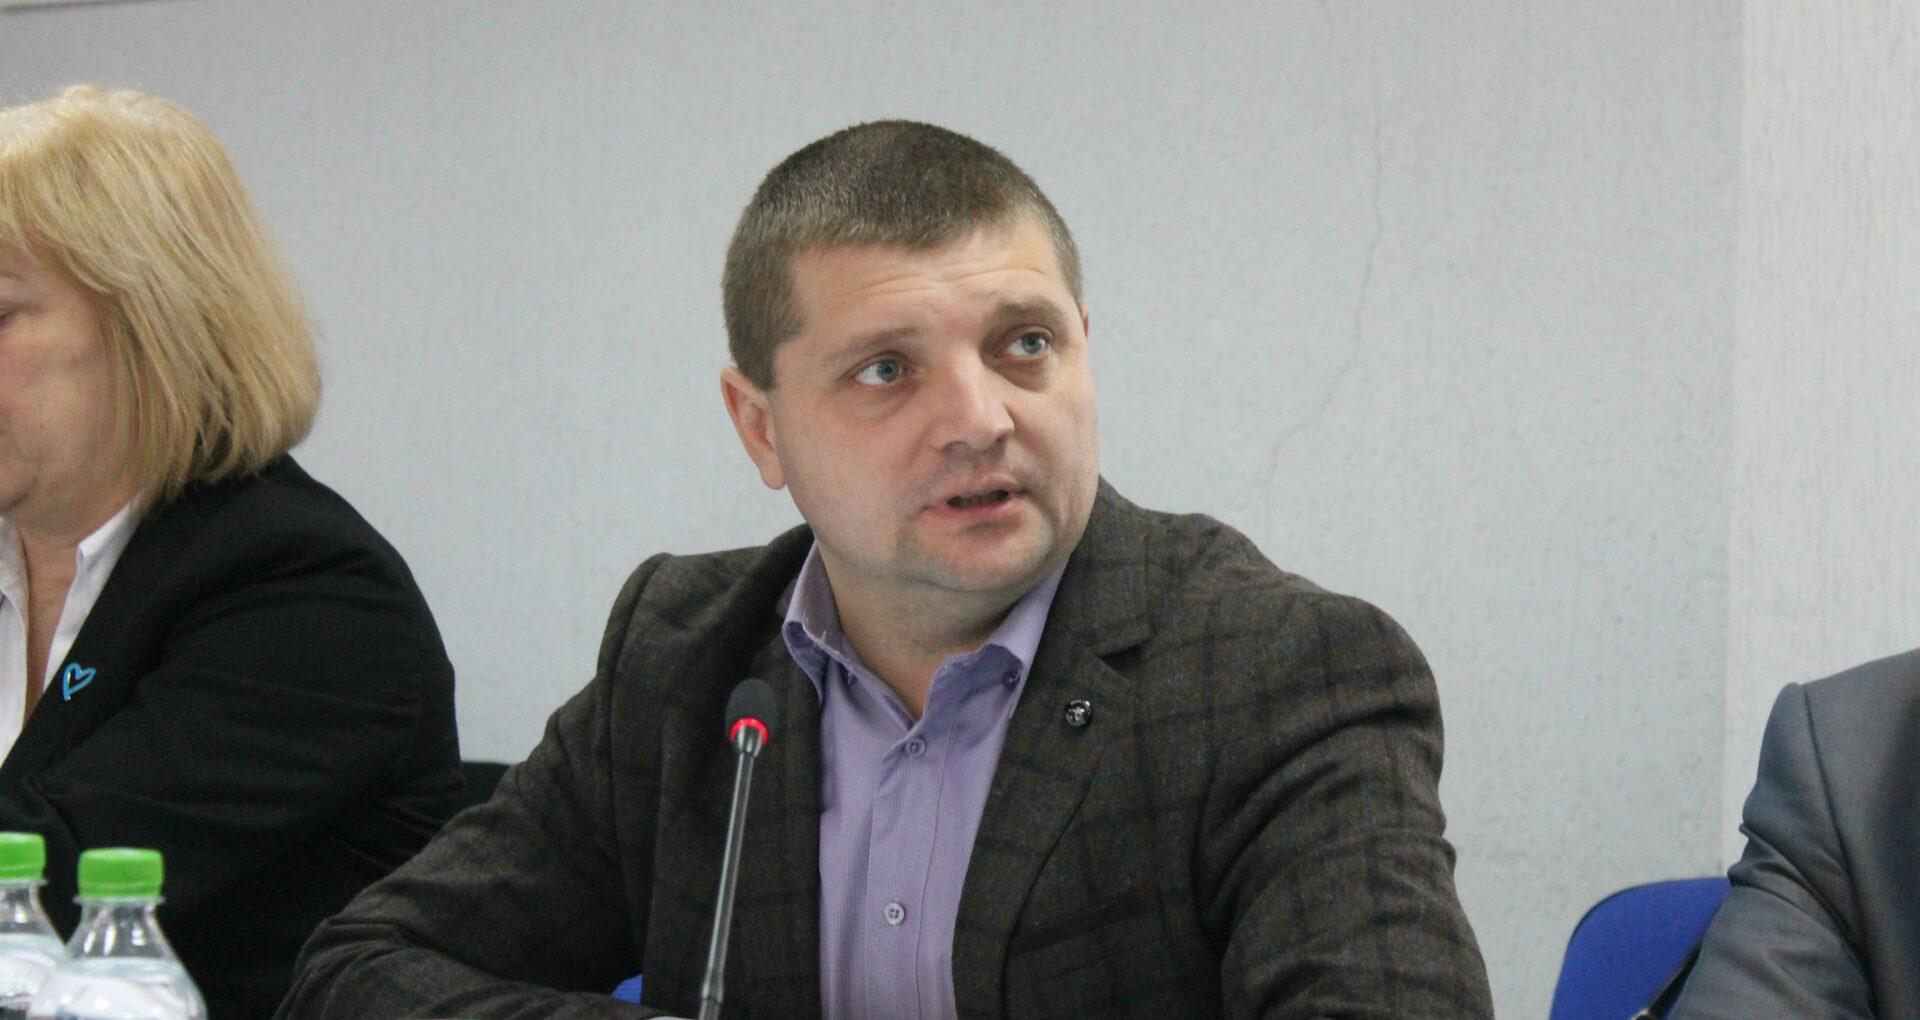 Ex-directorul adjunct al Centrului pentru Combaterea Traficului de Persoane, condamnat anterior la 4 ani de închisoare, iar ulterior achitat definitiv, numit șef al IGP